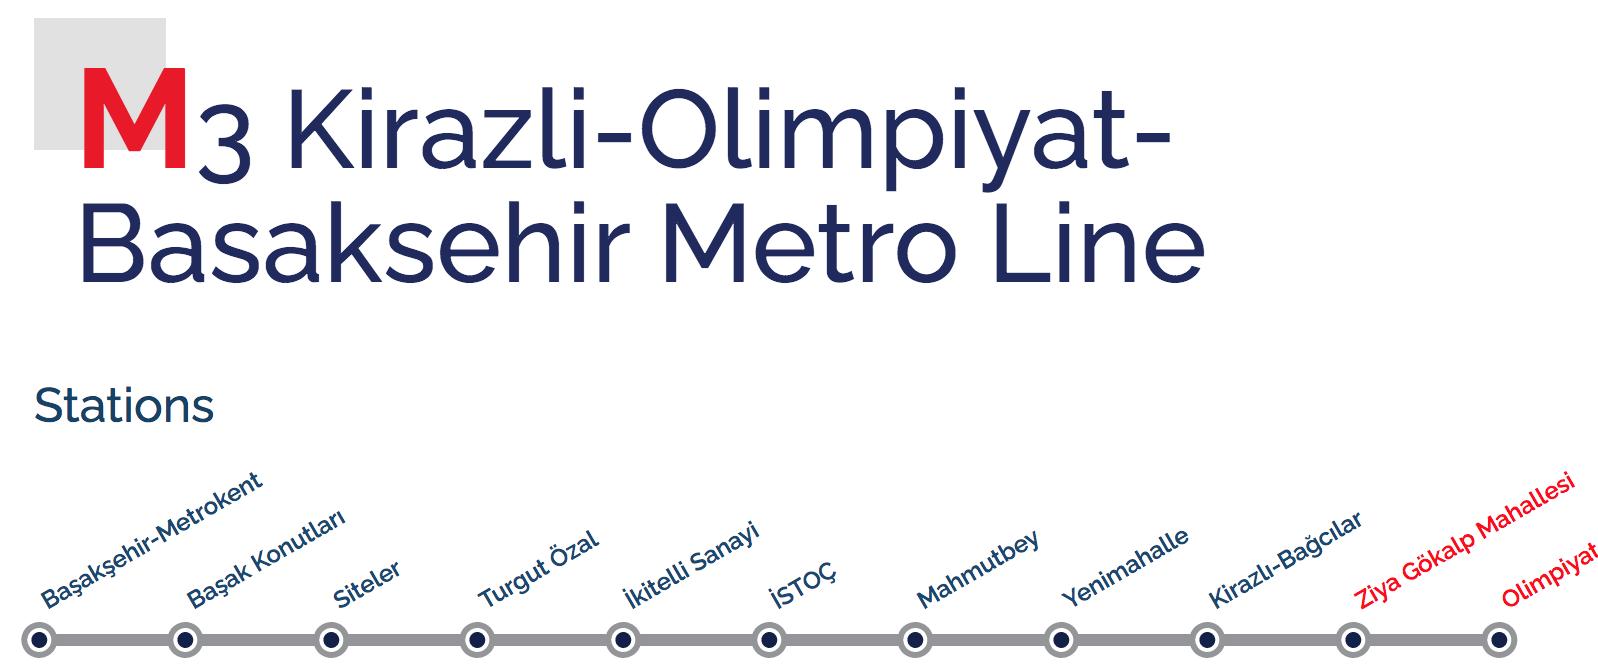 Маршрут метро M3